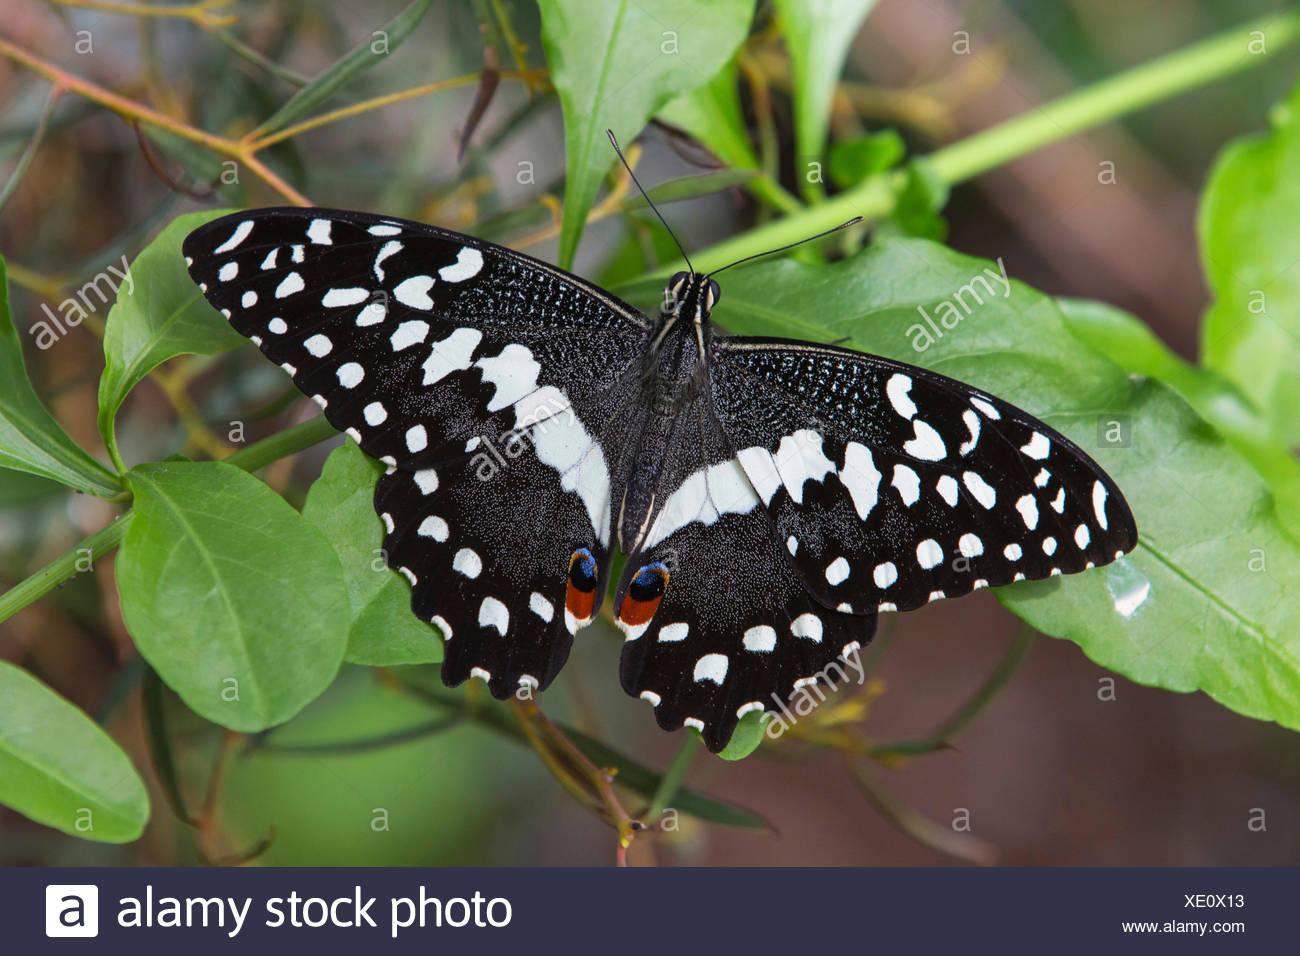 A coda di rondine a scacchi (Papilio demoleus), seduta con ali aperte su uno stelo Immagini Stock